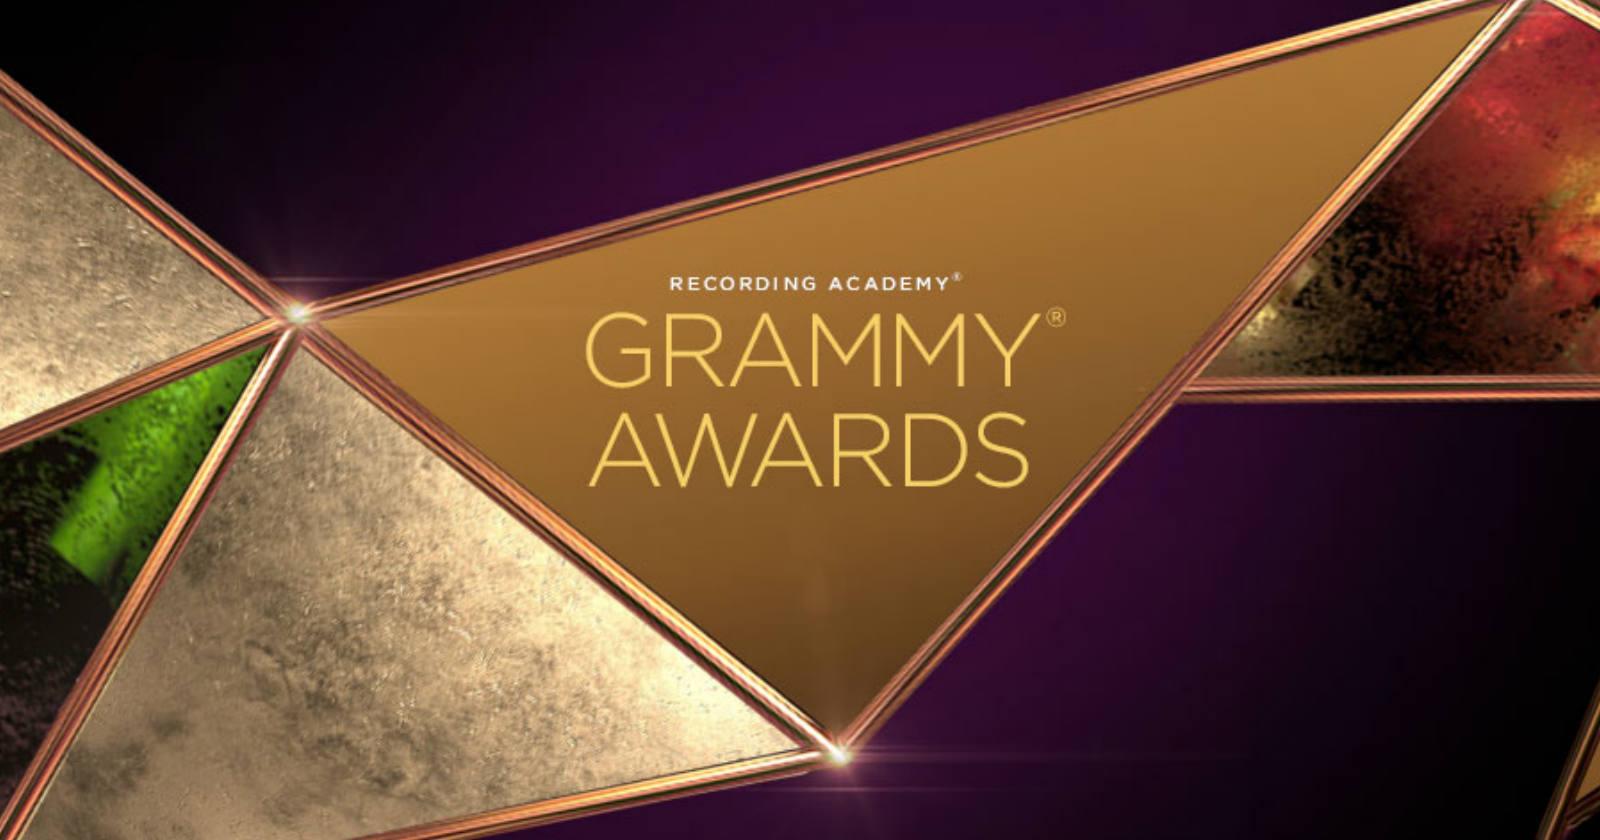 Con una chilena incluida: todos los nominados a los Grammy 2021